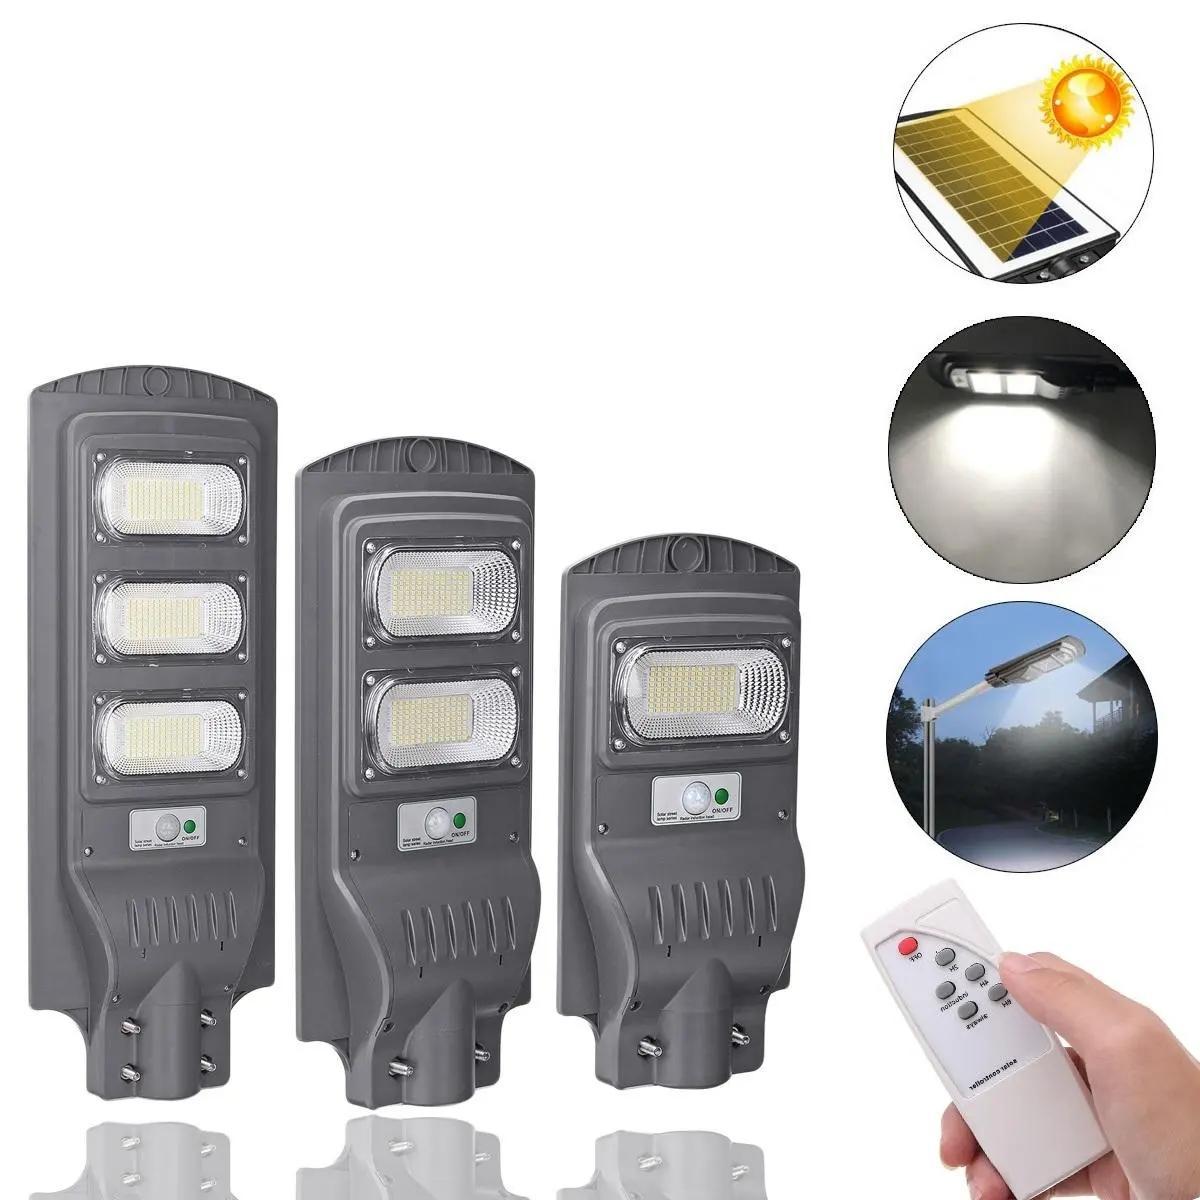 117/234/351 Lámpara exterior del sensor de movimiento de la luz de la calle LED de la calle Solar LED con el control remoto - 117